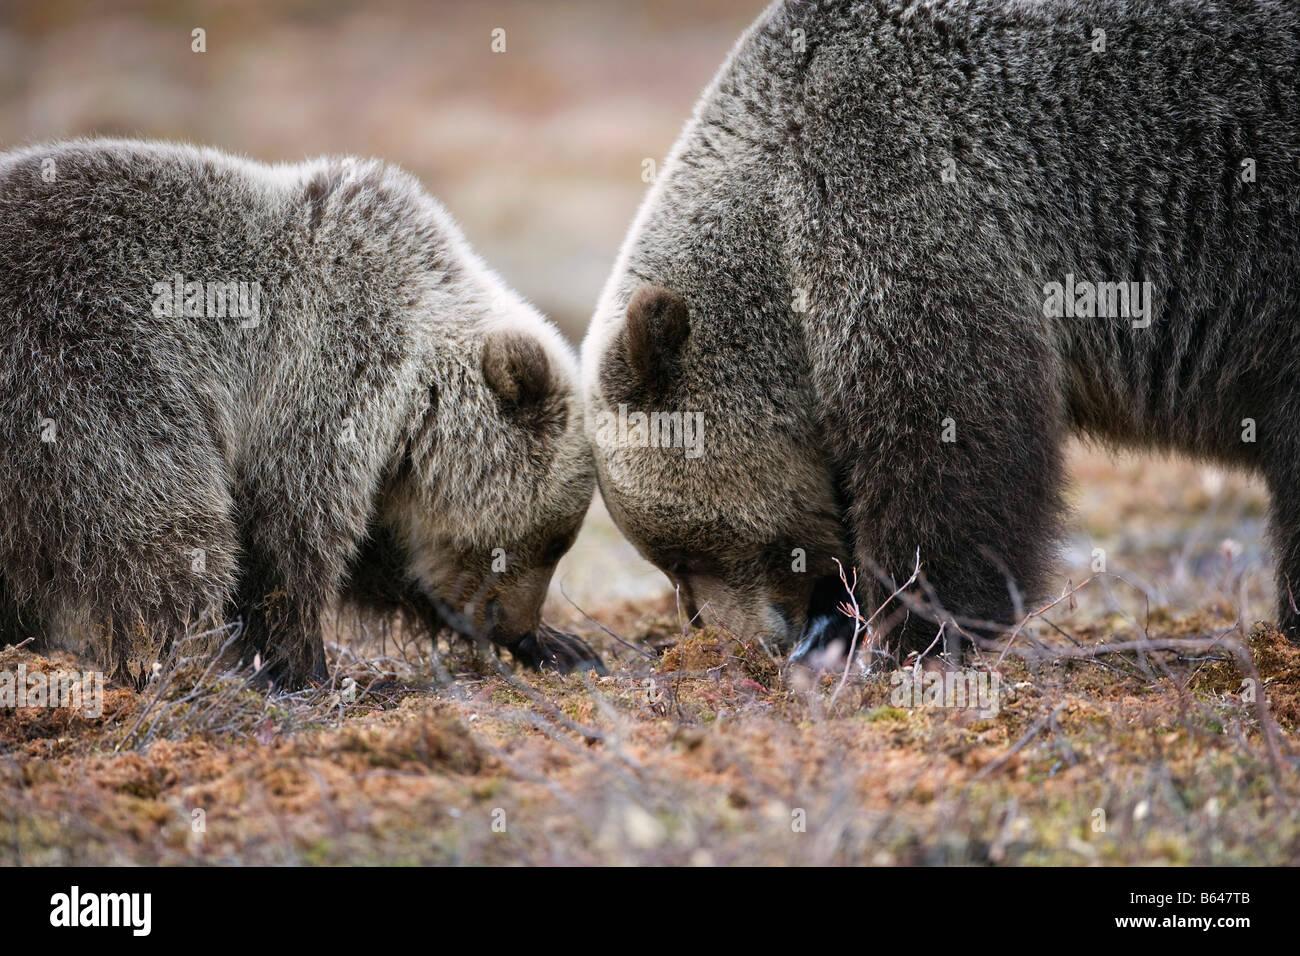 La Finlande, Ruhtinansalmi, près de Suomussalmi, l'ours brun. Ursus arctos. Mère et son petit. Photo Stock